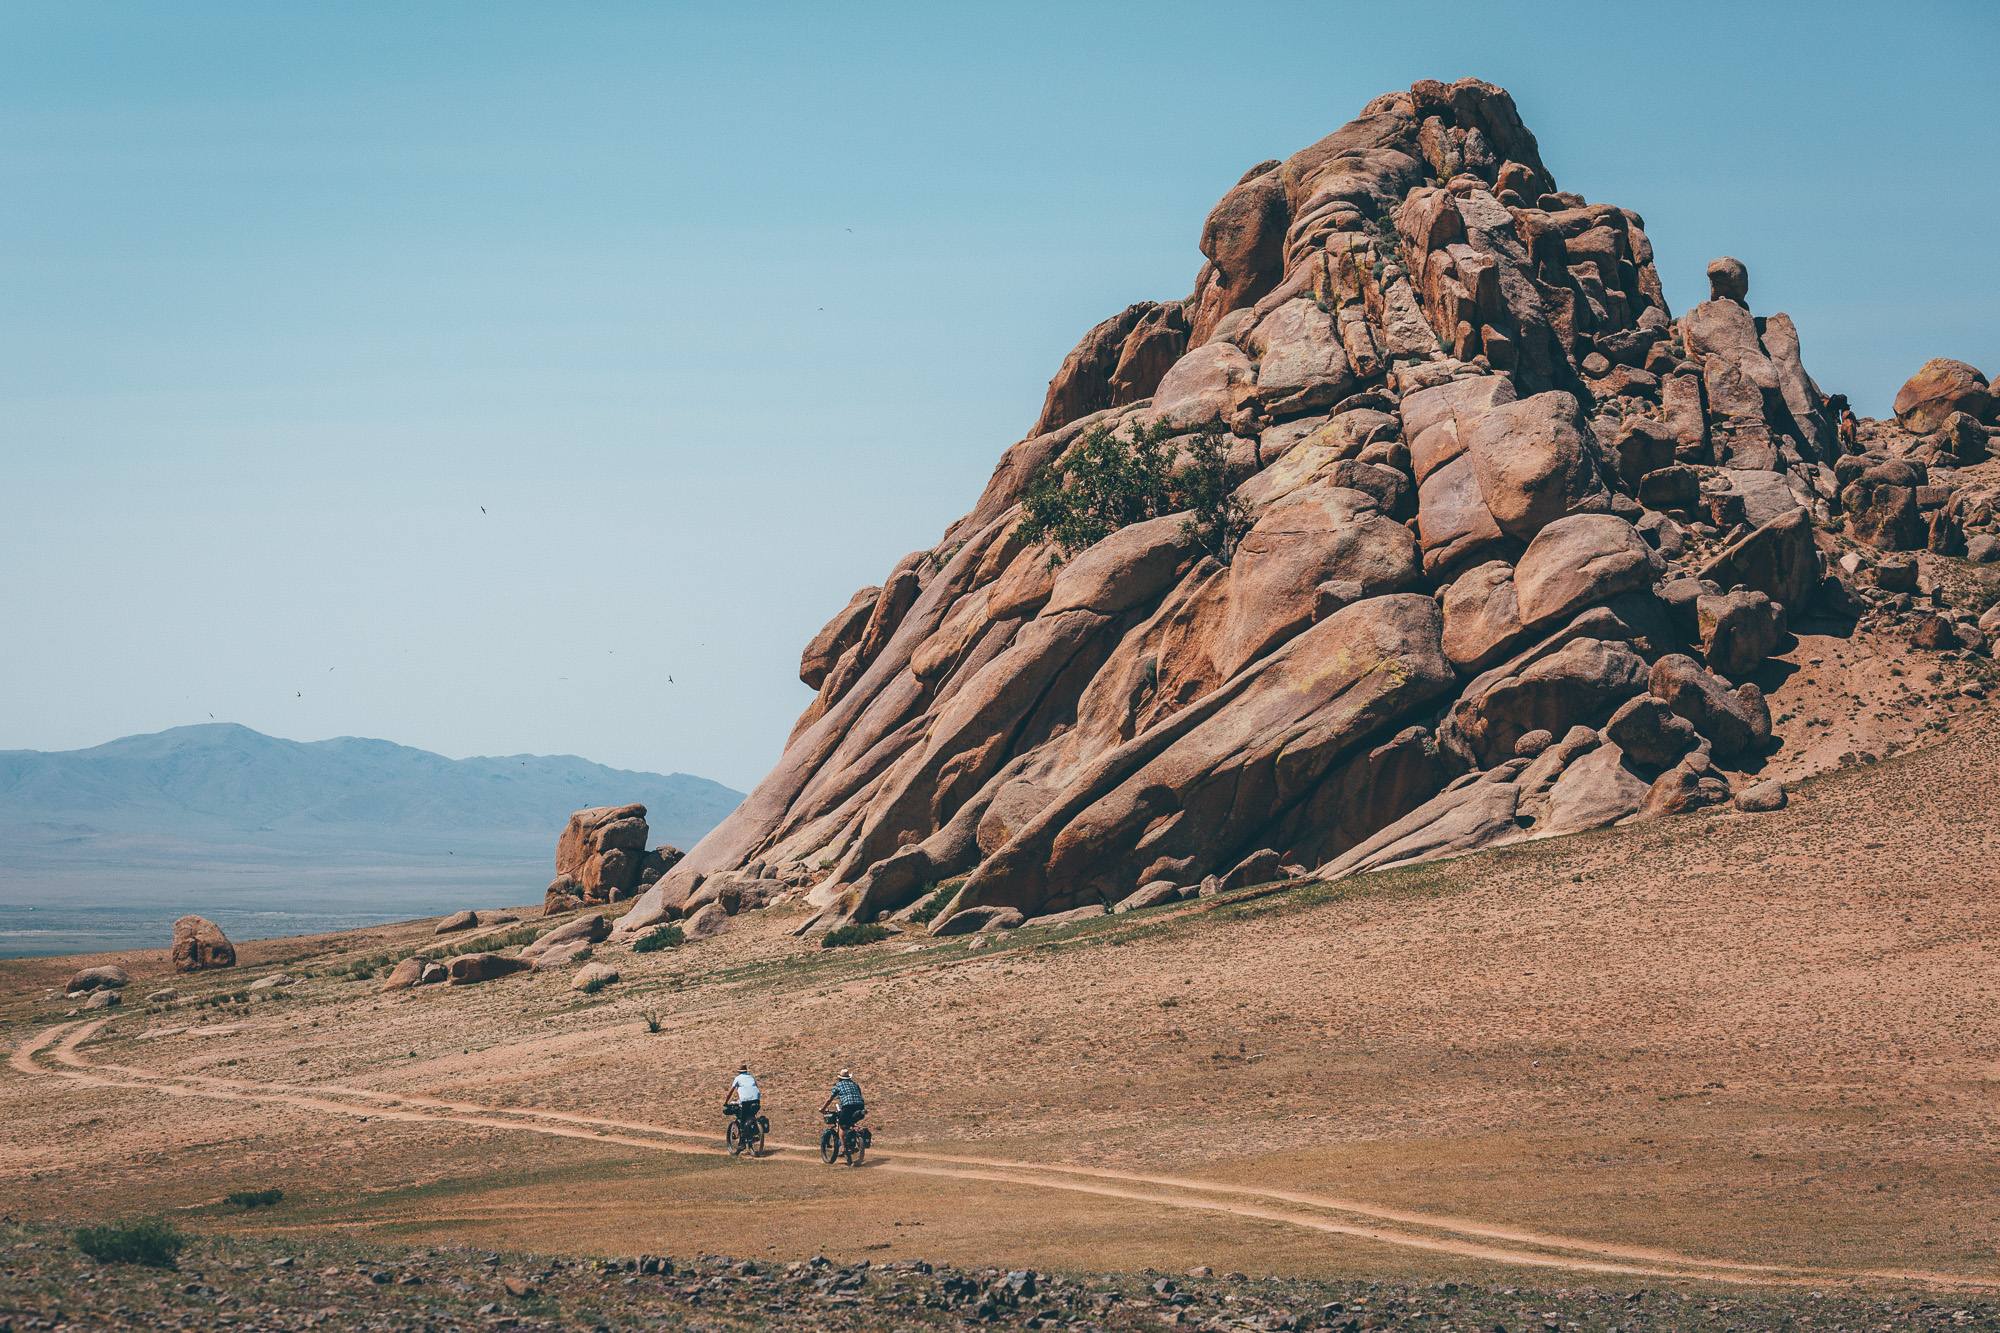 Tumbleweed Mongolia2.jpg